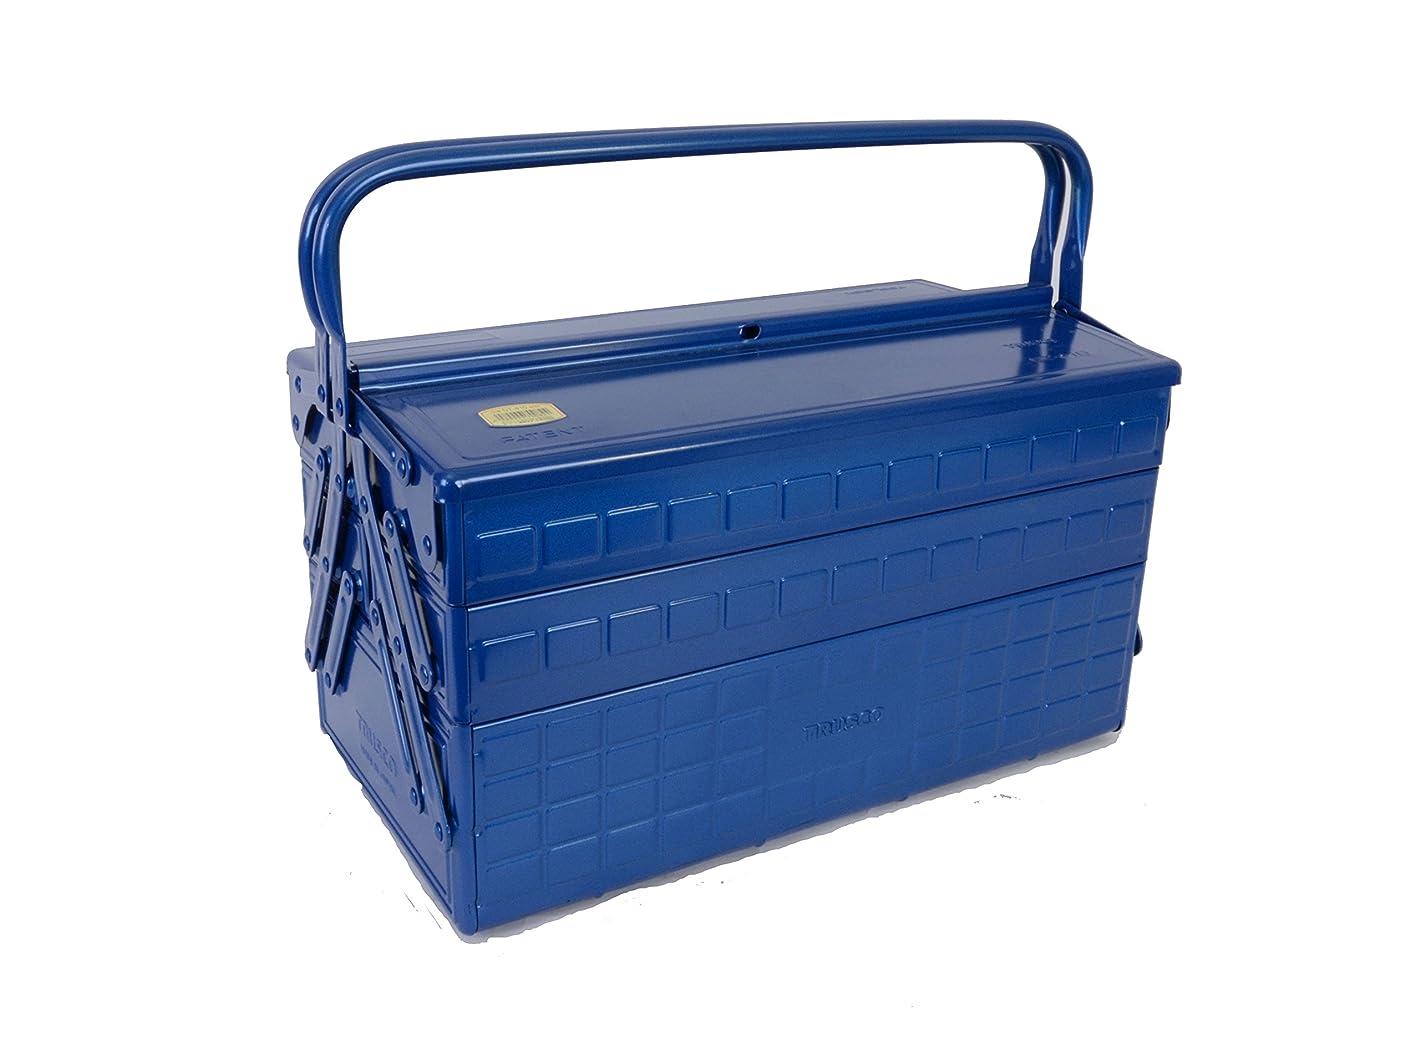 広範囲好み予測するTRUSCO(トラスコ) 3段式工具箱 412X220X343 ブルー GT-410-B